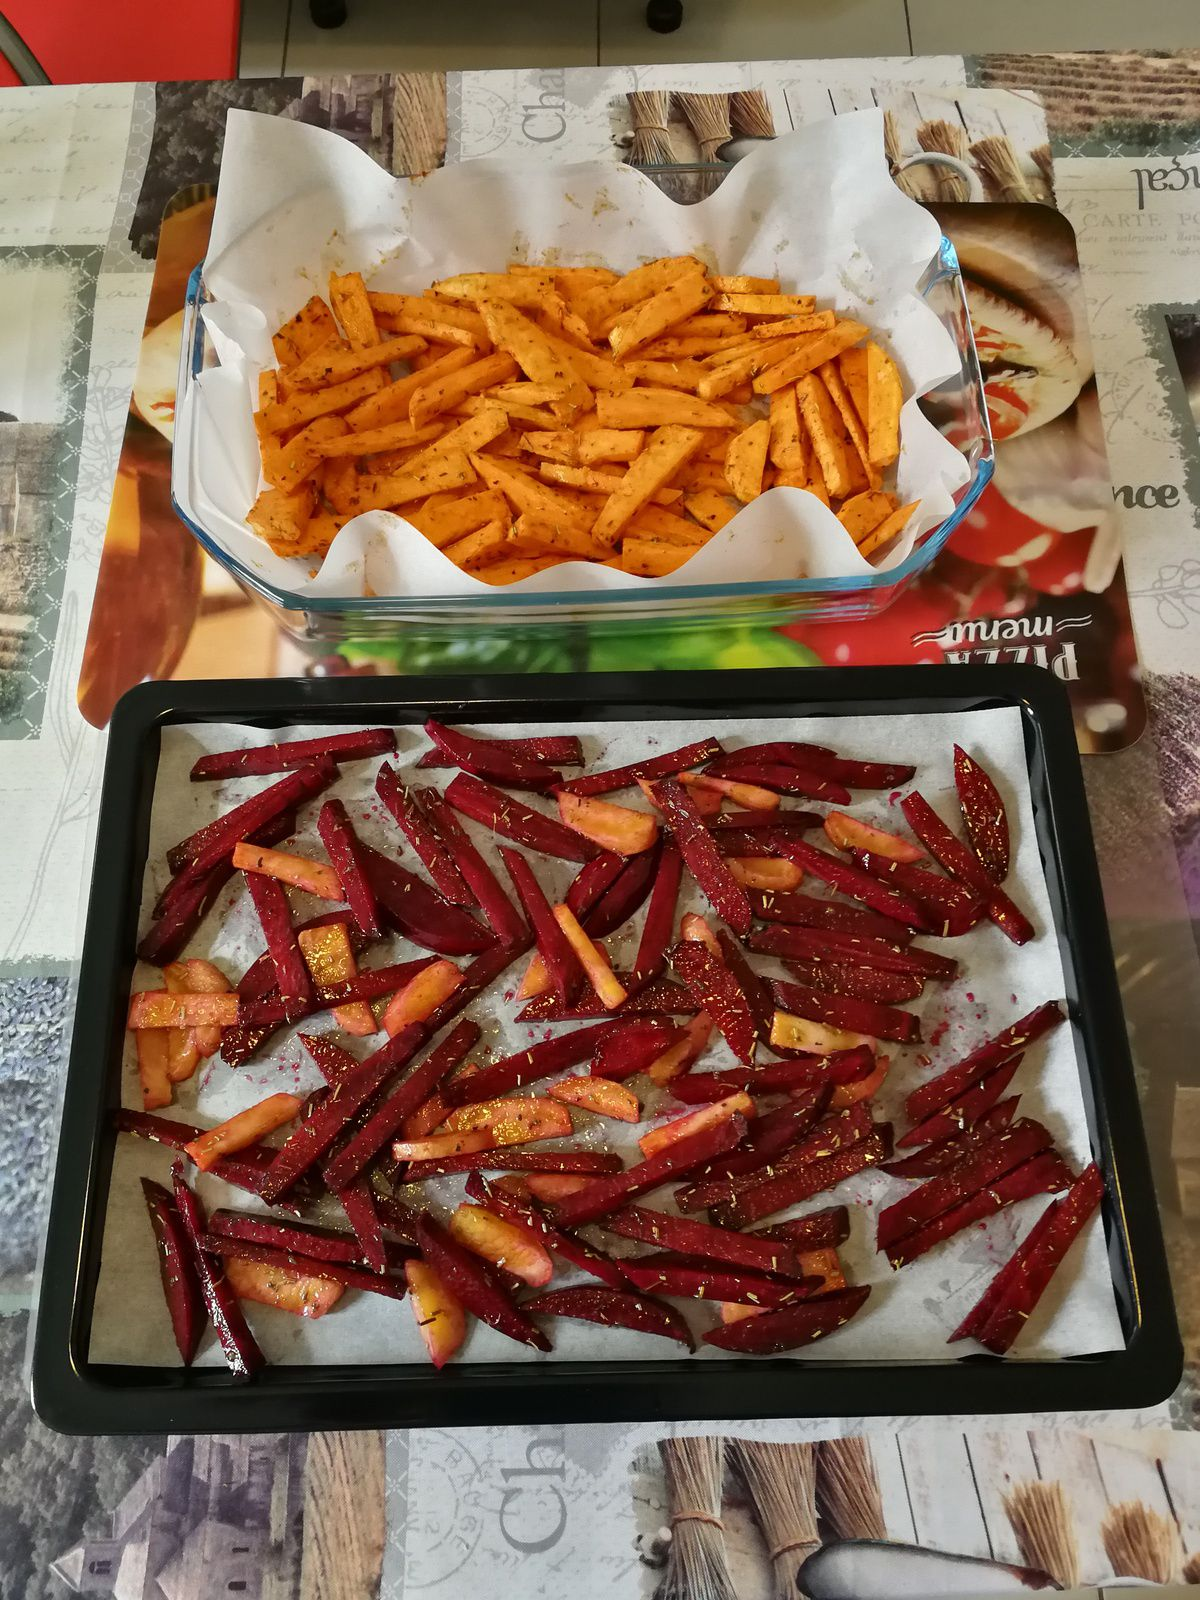 Frites de betterave rouge, betterave jaune & patate douce assaisonnées avec huile d'olive, sel, herbes de Provence & paprika fumé